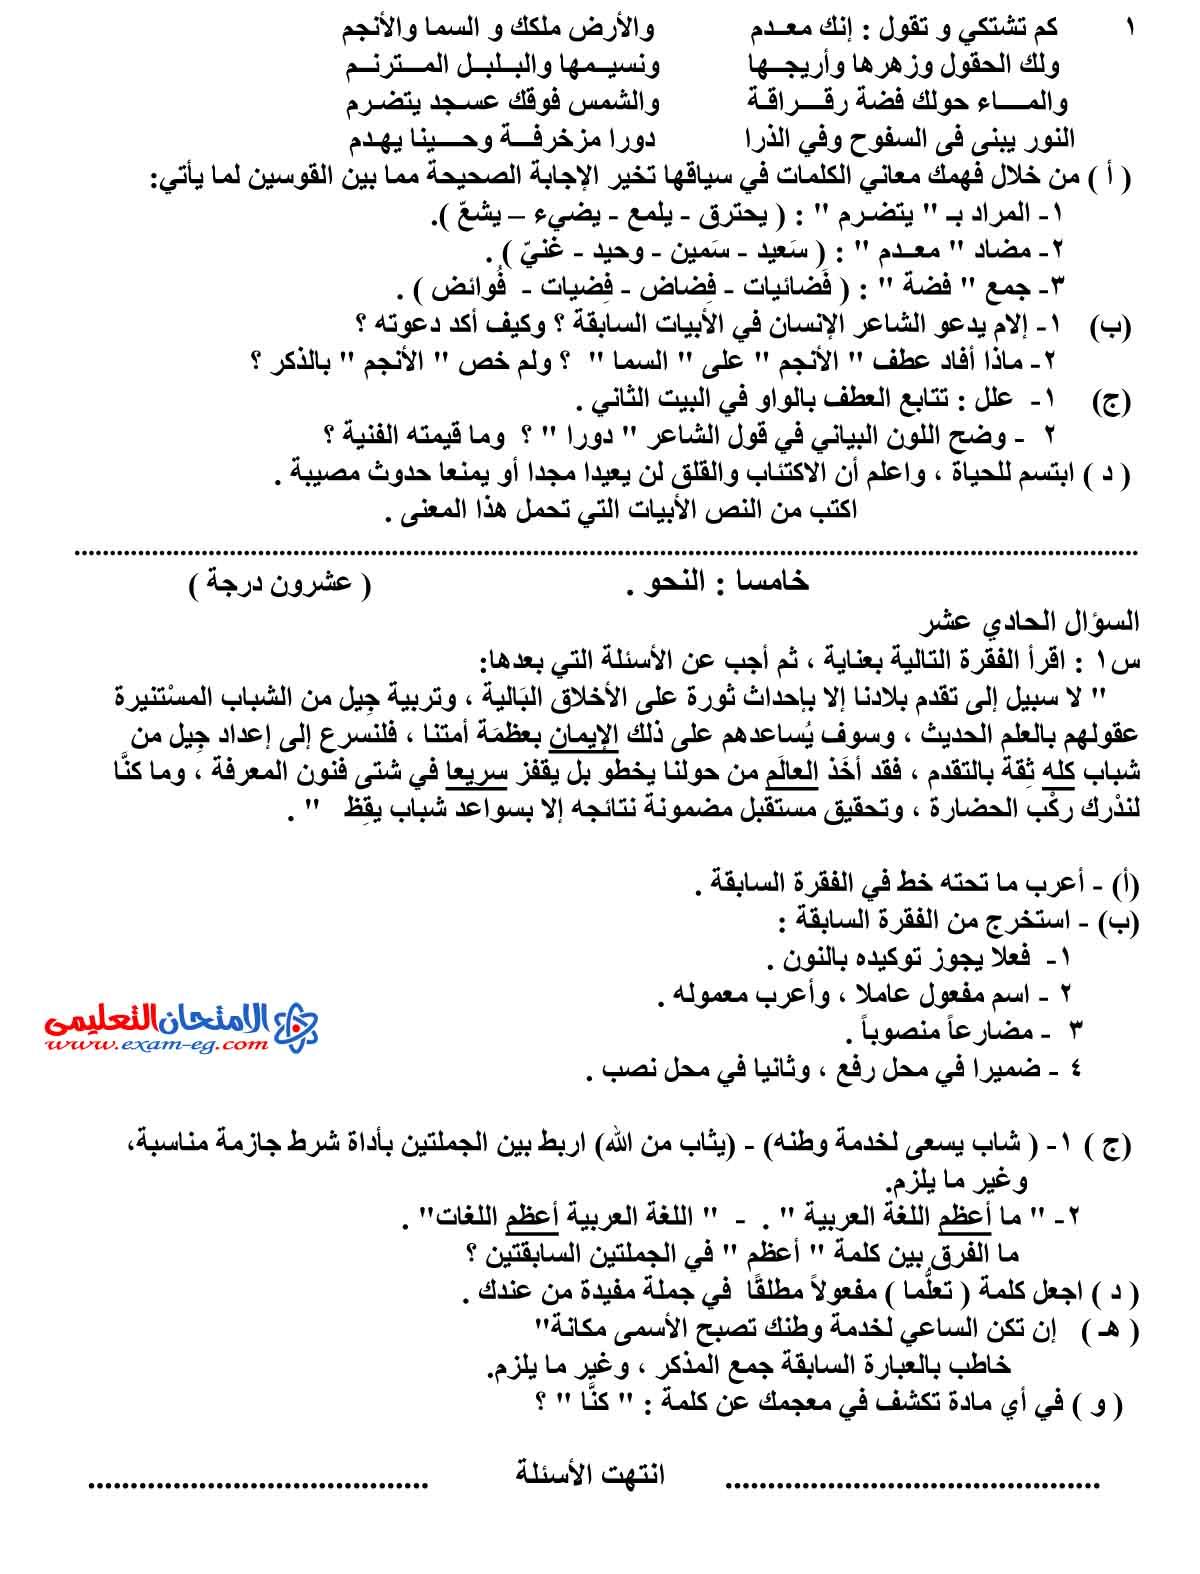 امتحان اللغة العربية 3 - مدرسة اون لاين (4)